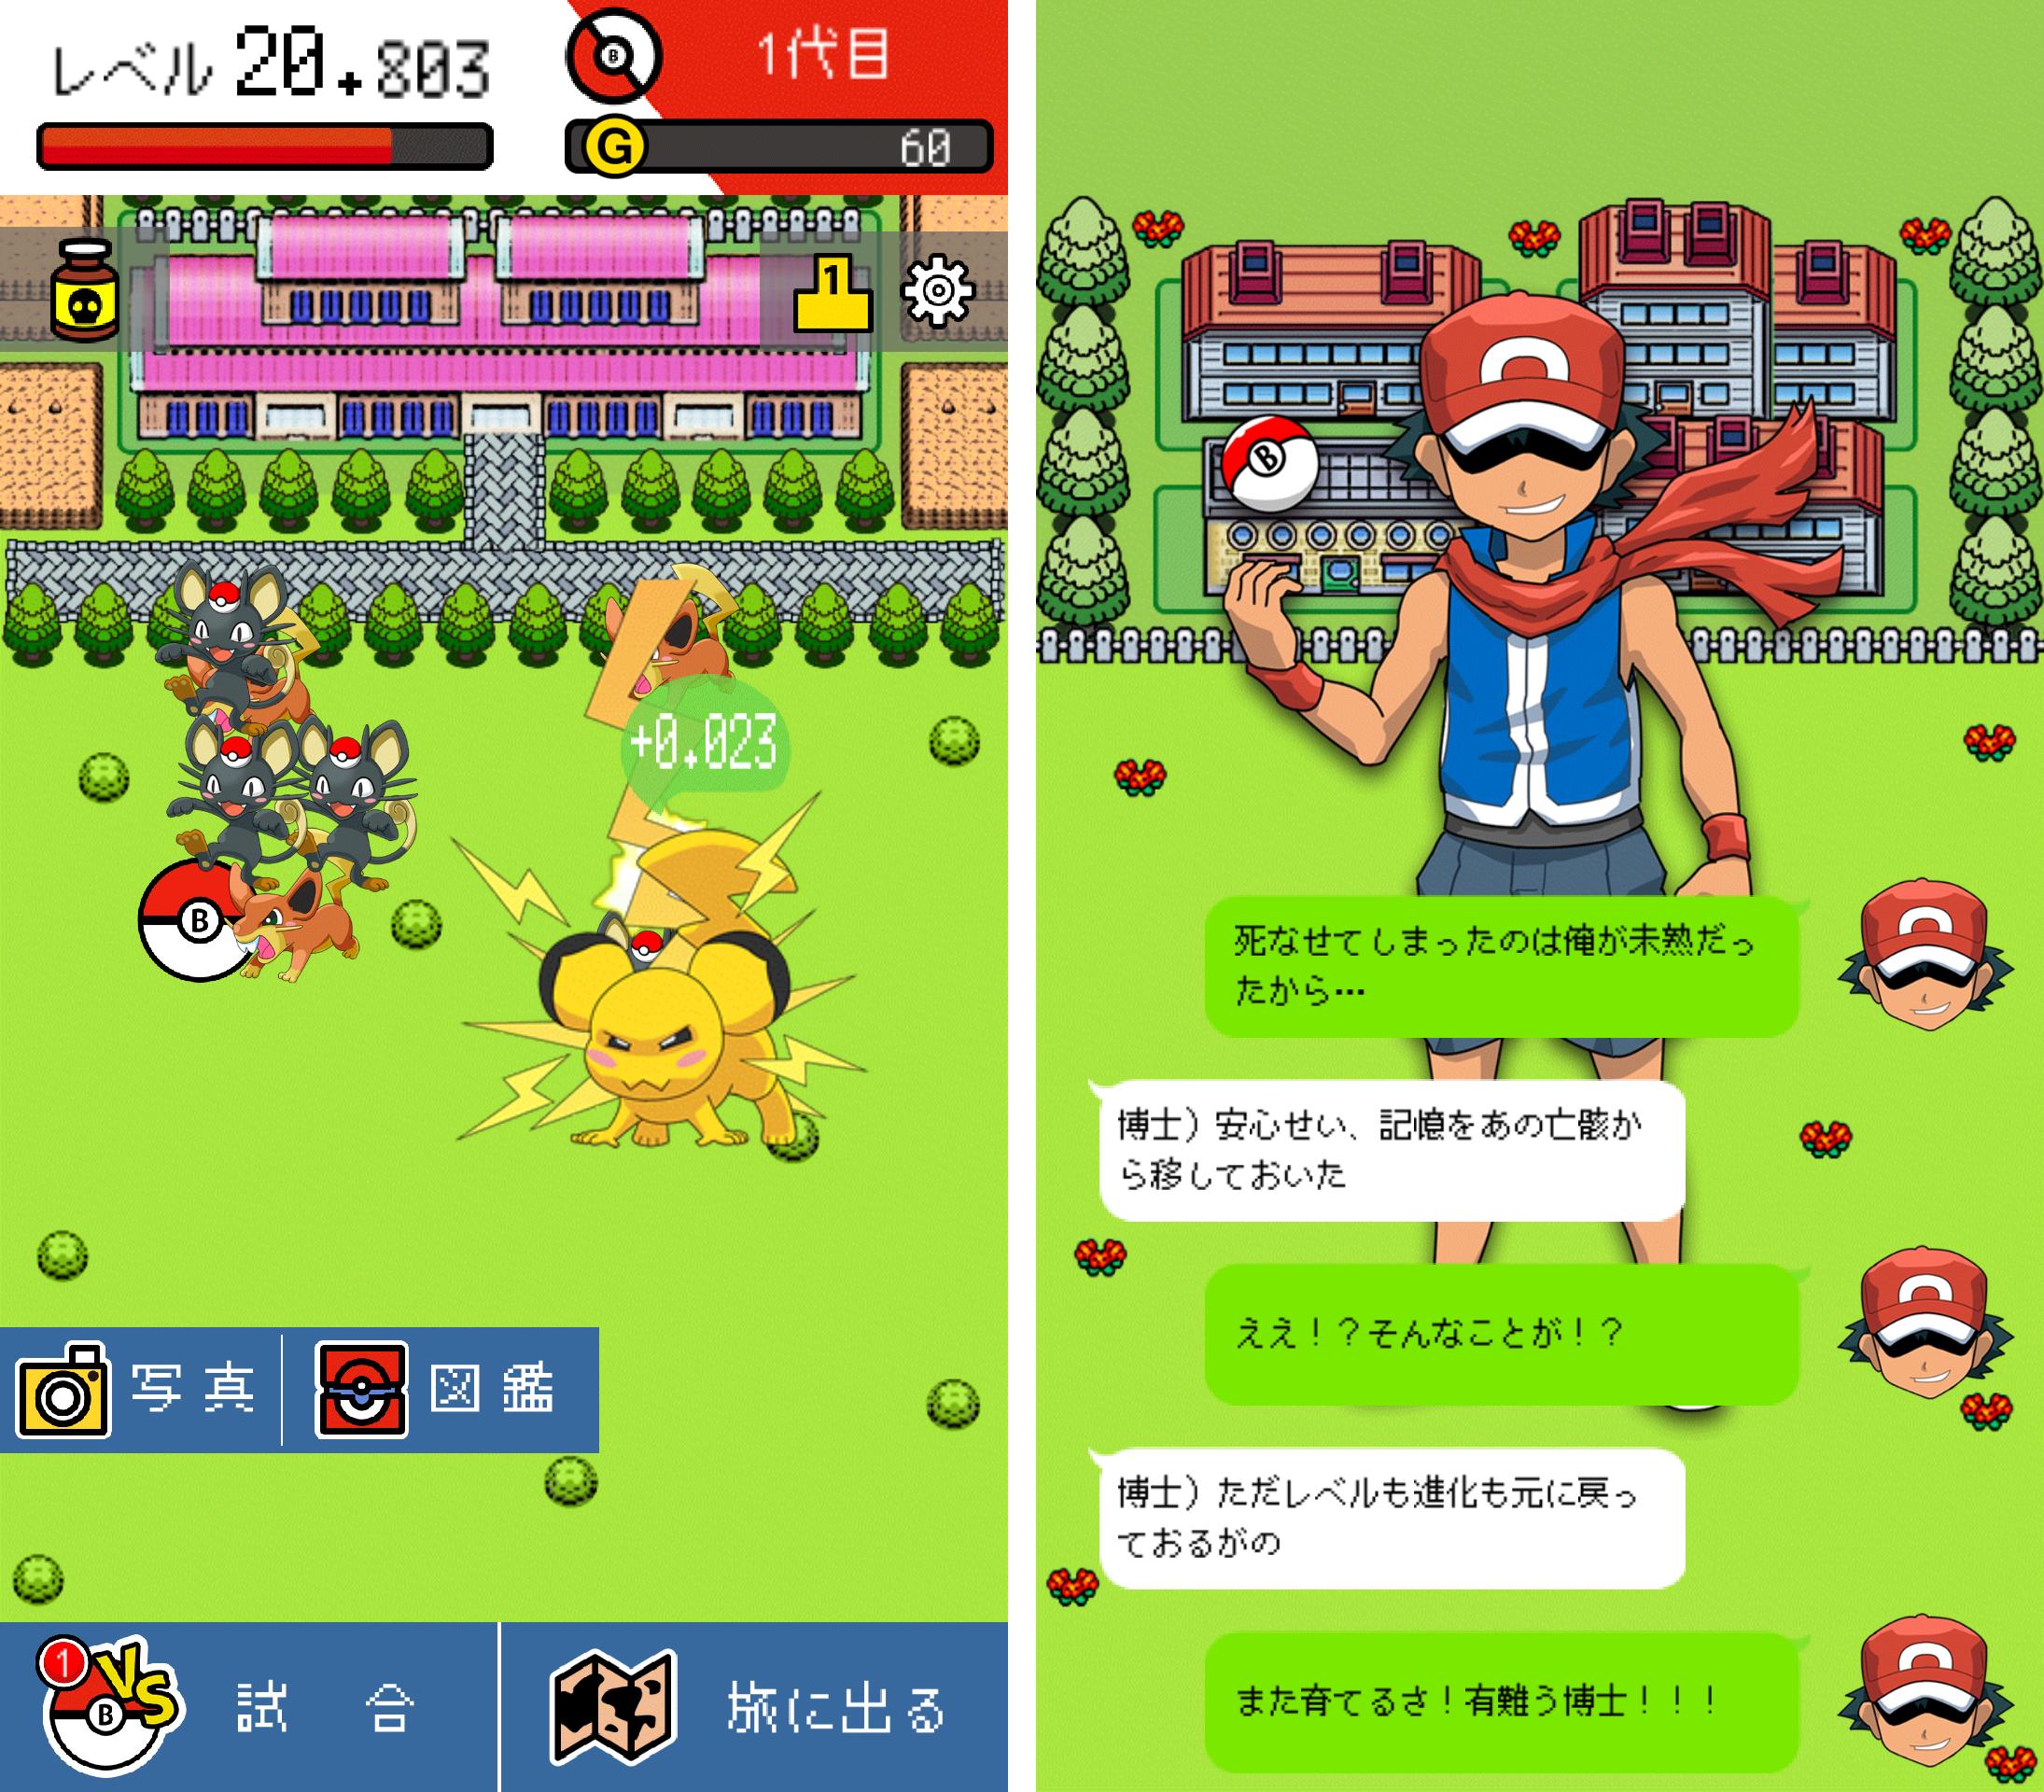 BOKEMON ~トボケモンスターを進化させるで!~ androidアプリスクリーンショット1